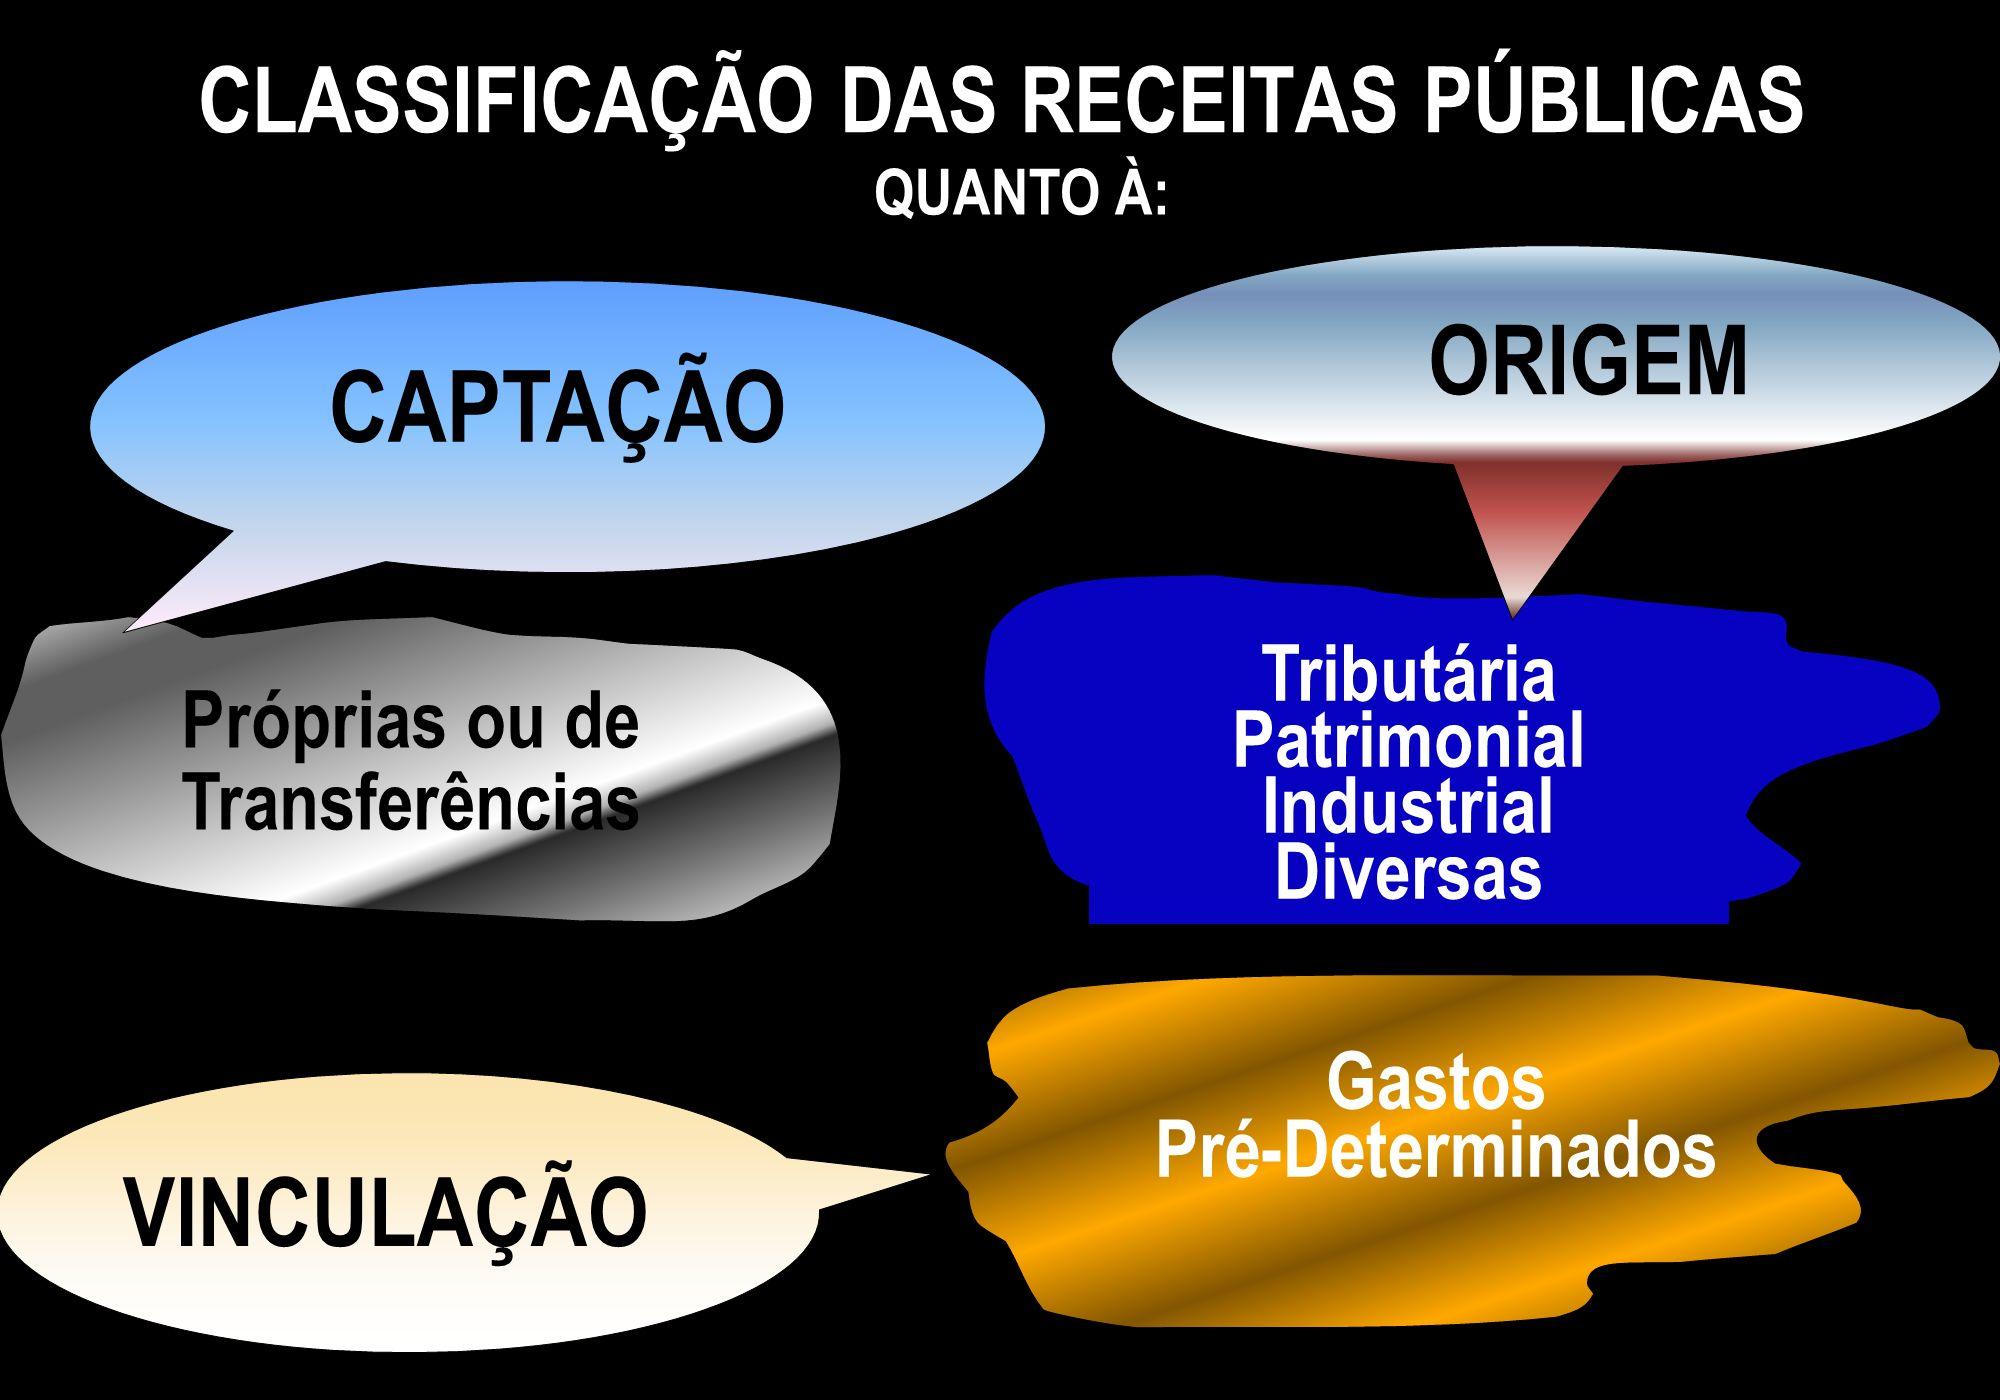 Próprias ou de Transferências Tributária Patrimonial Industrial Diversas Gastos Pré-Determinados CLASSIFICAÇÃO DAS RECEITAS PÚBLICAS ORIGEM CAPTAÇÃO V